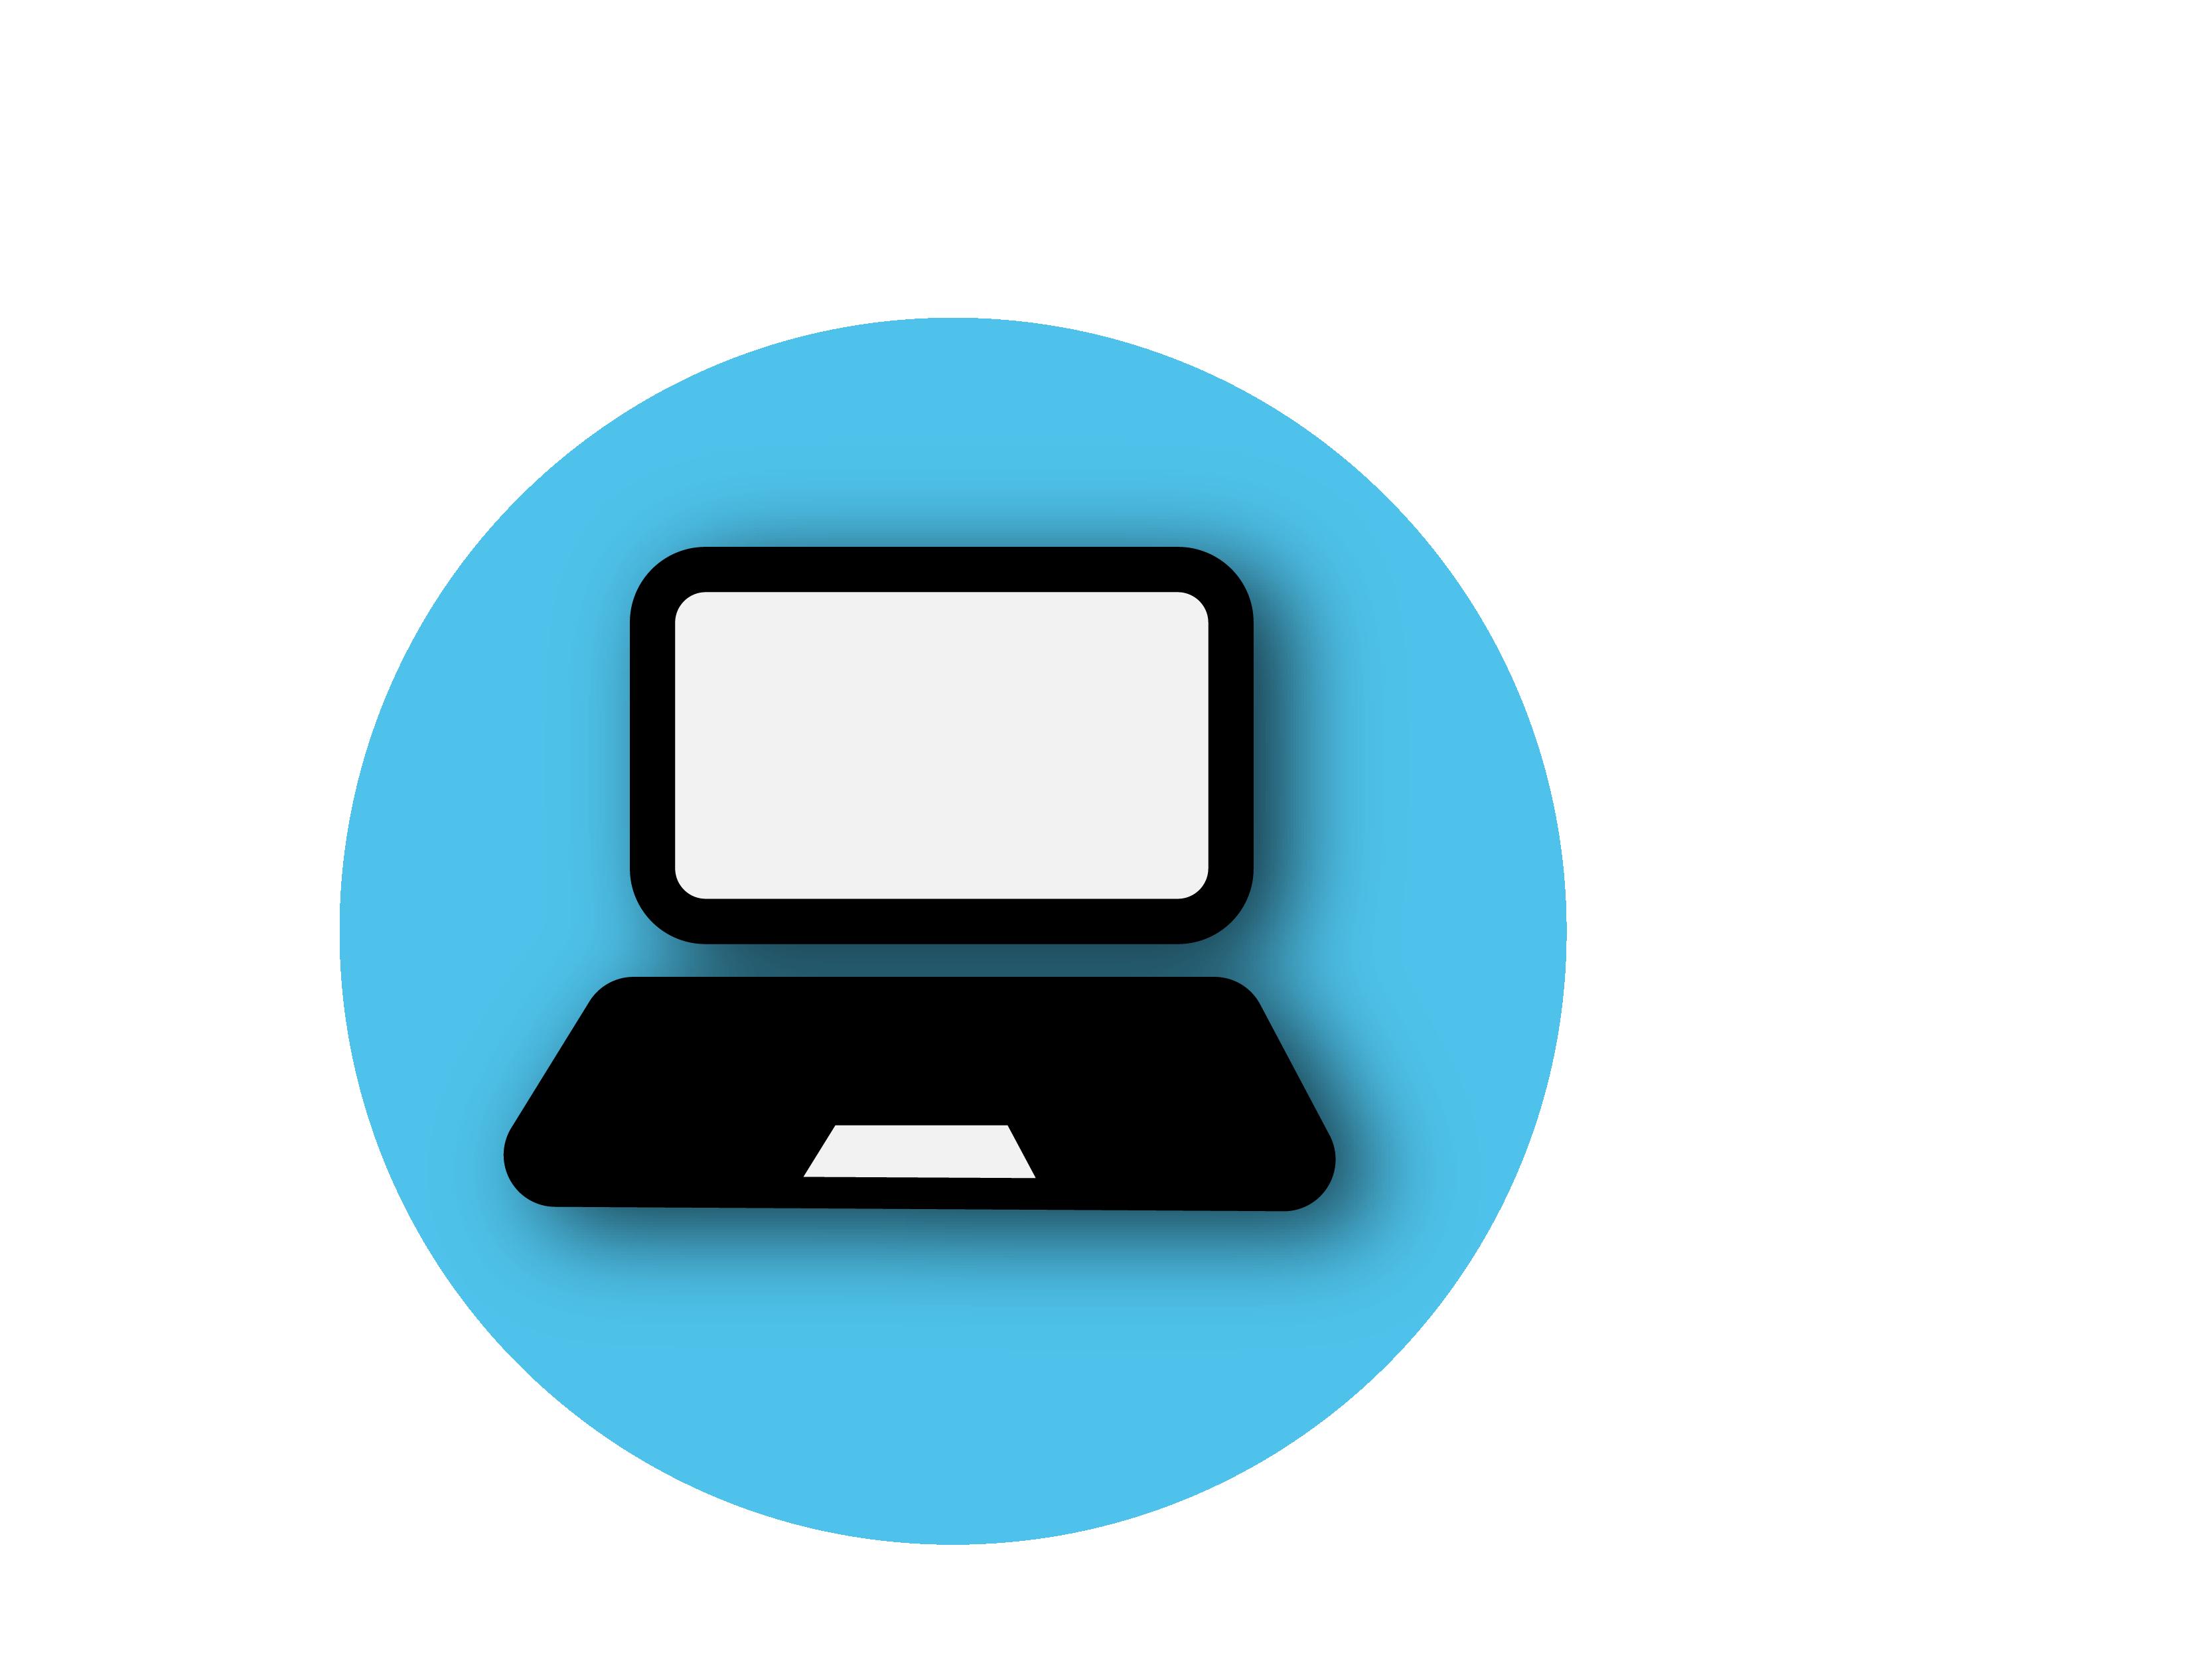 Laptop Symbol PNG Image.